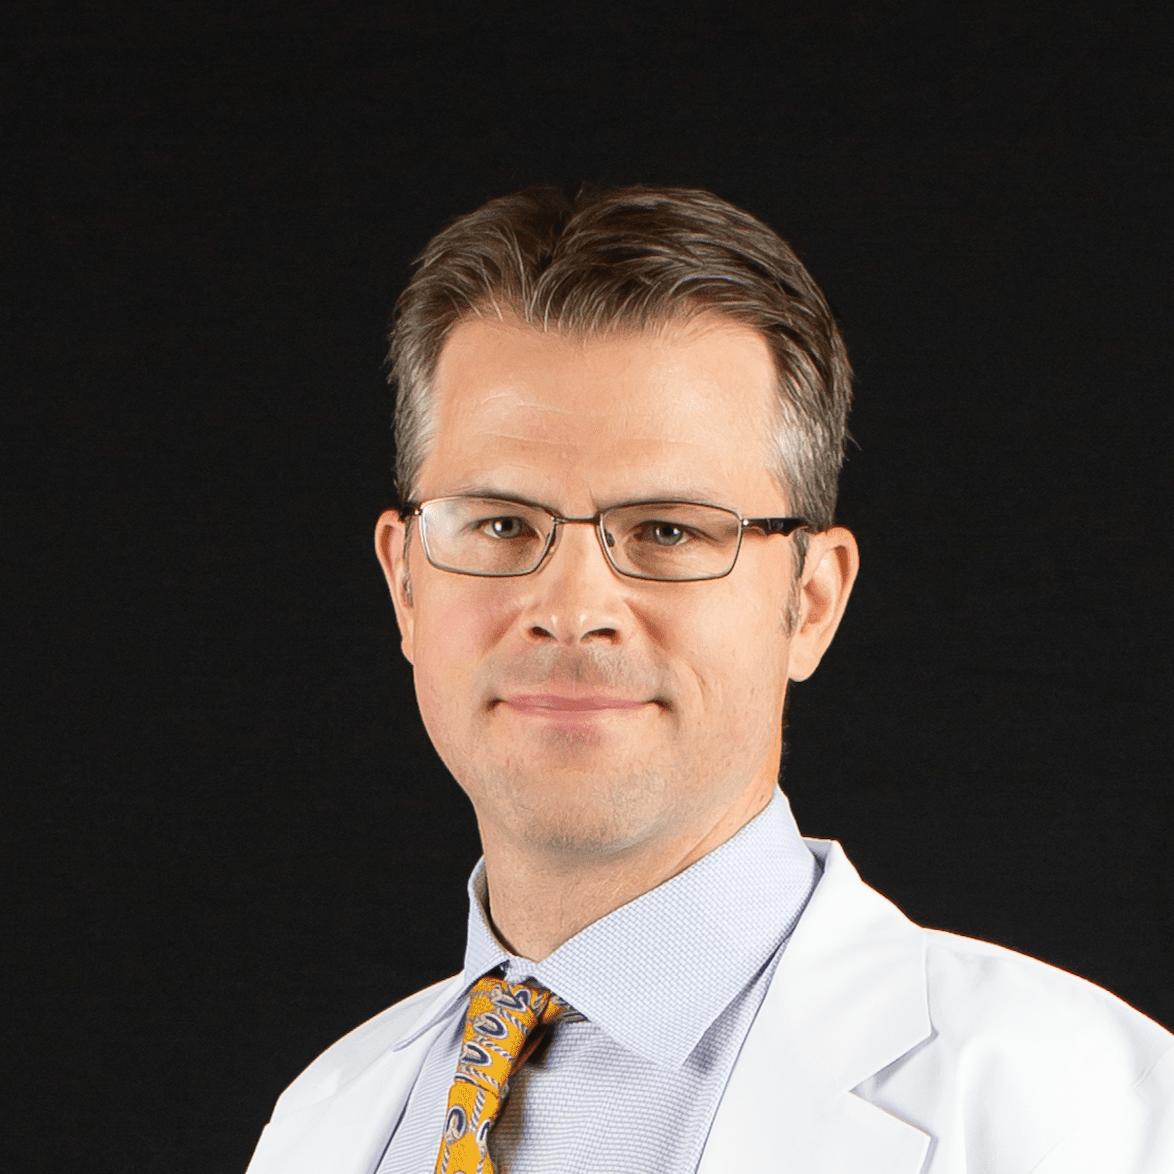 Dr. Craig Lemley